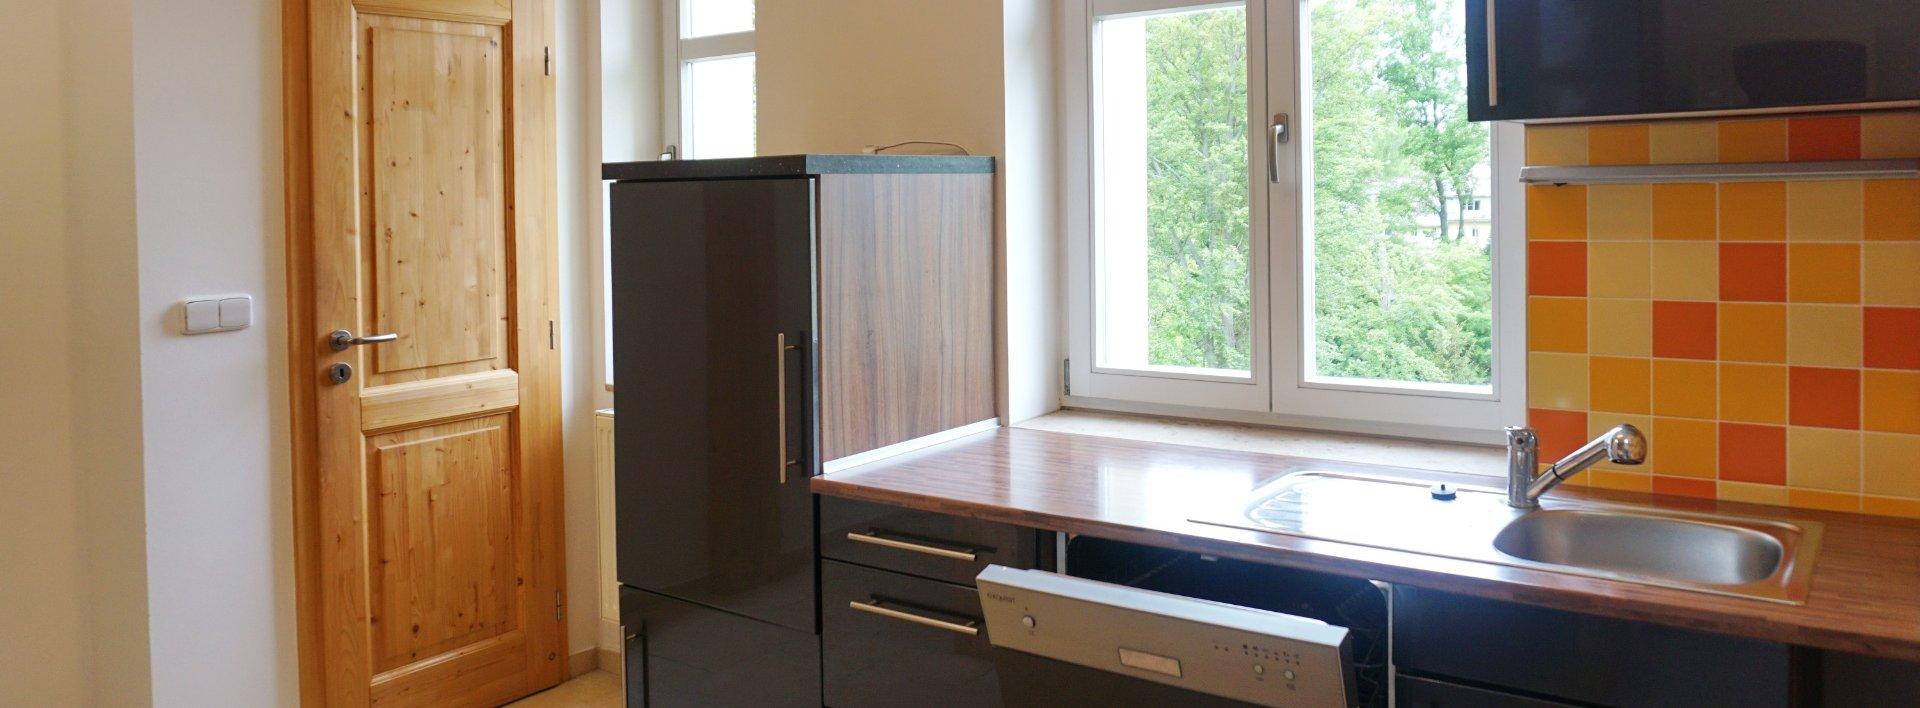 Pronájem velmi pěkného bytu 2+1, 55 m² - Lidové sady Liberec, Ev.č.: N49069